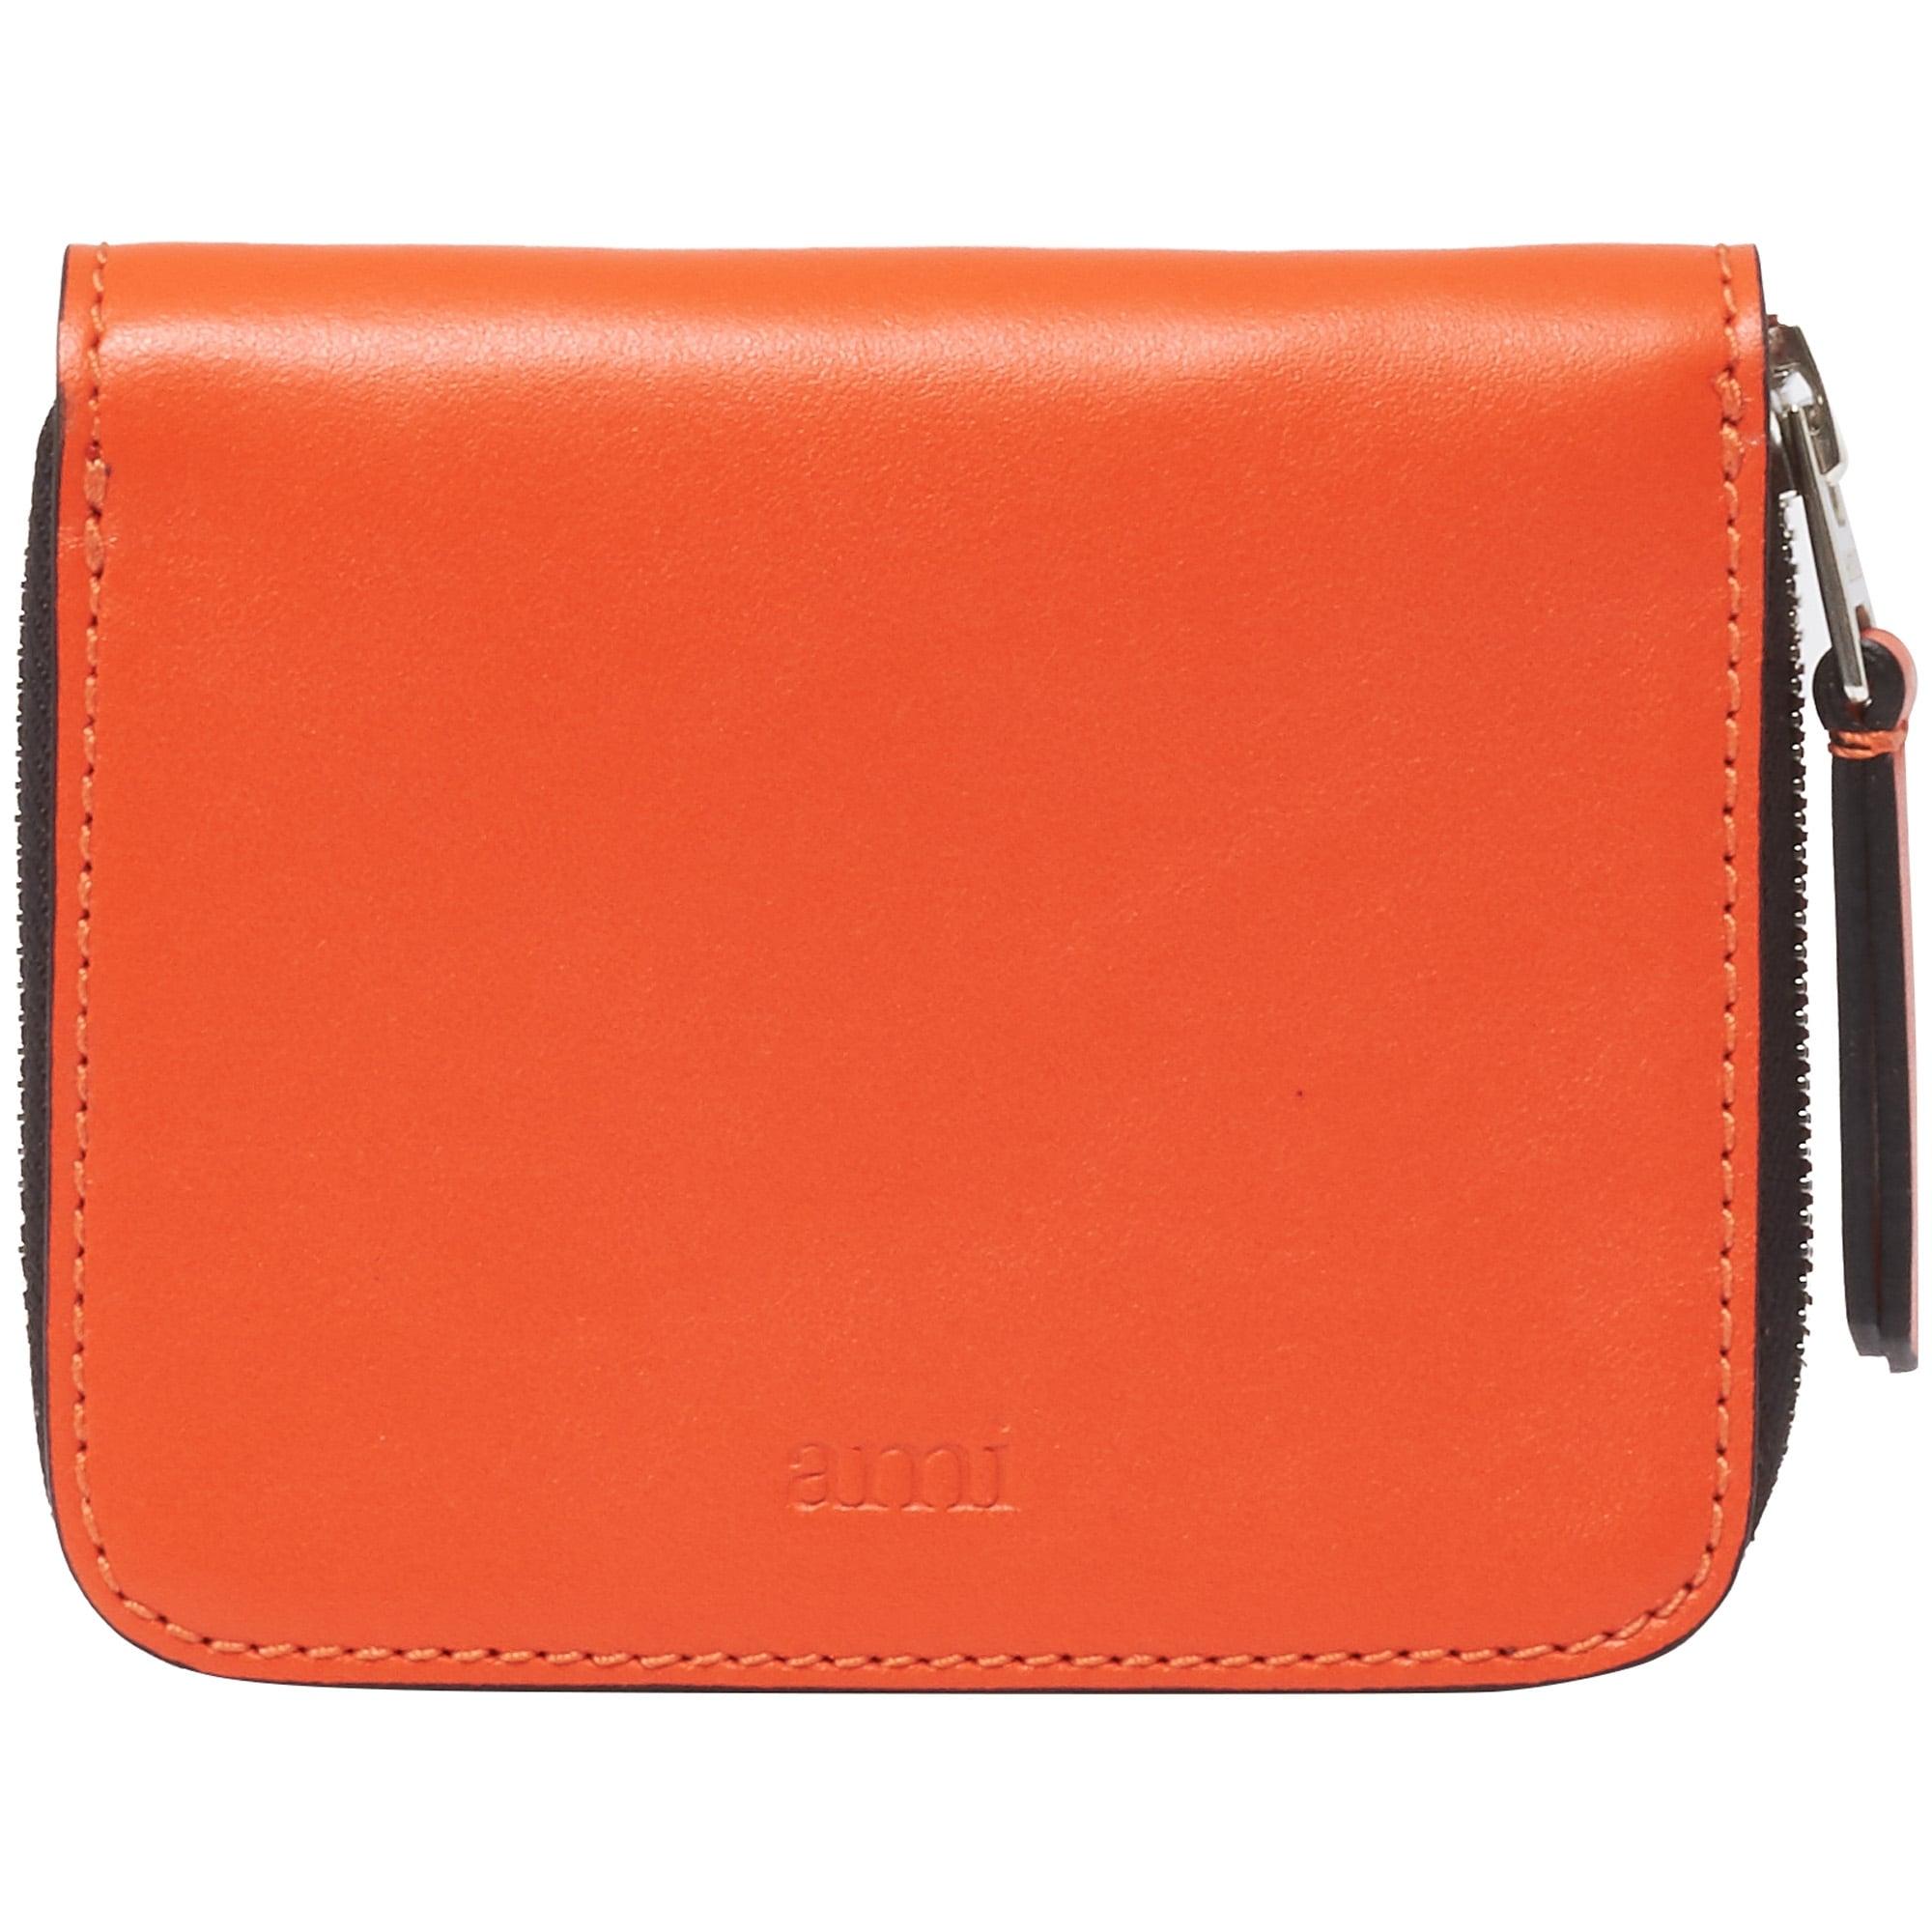 Orange Zipped Wallet